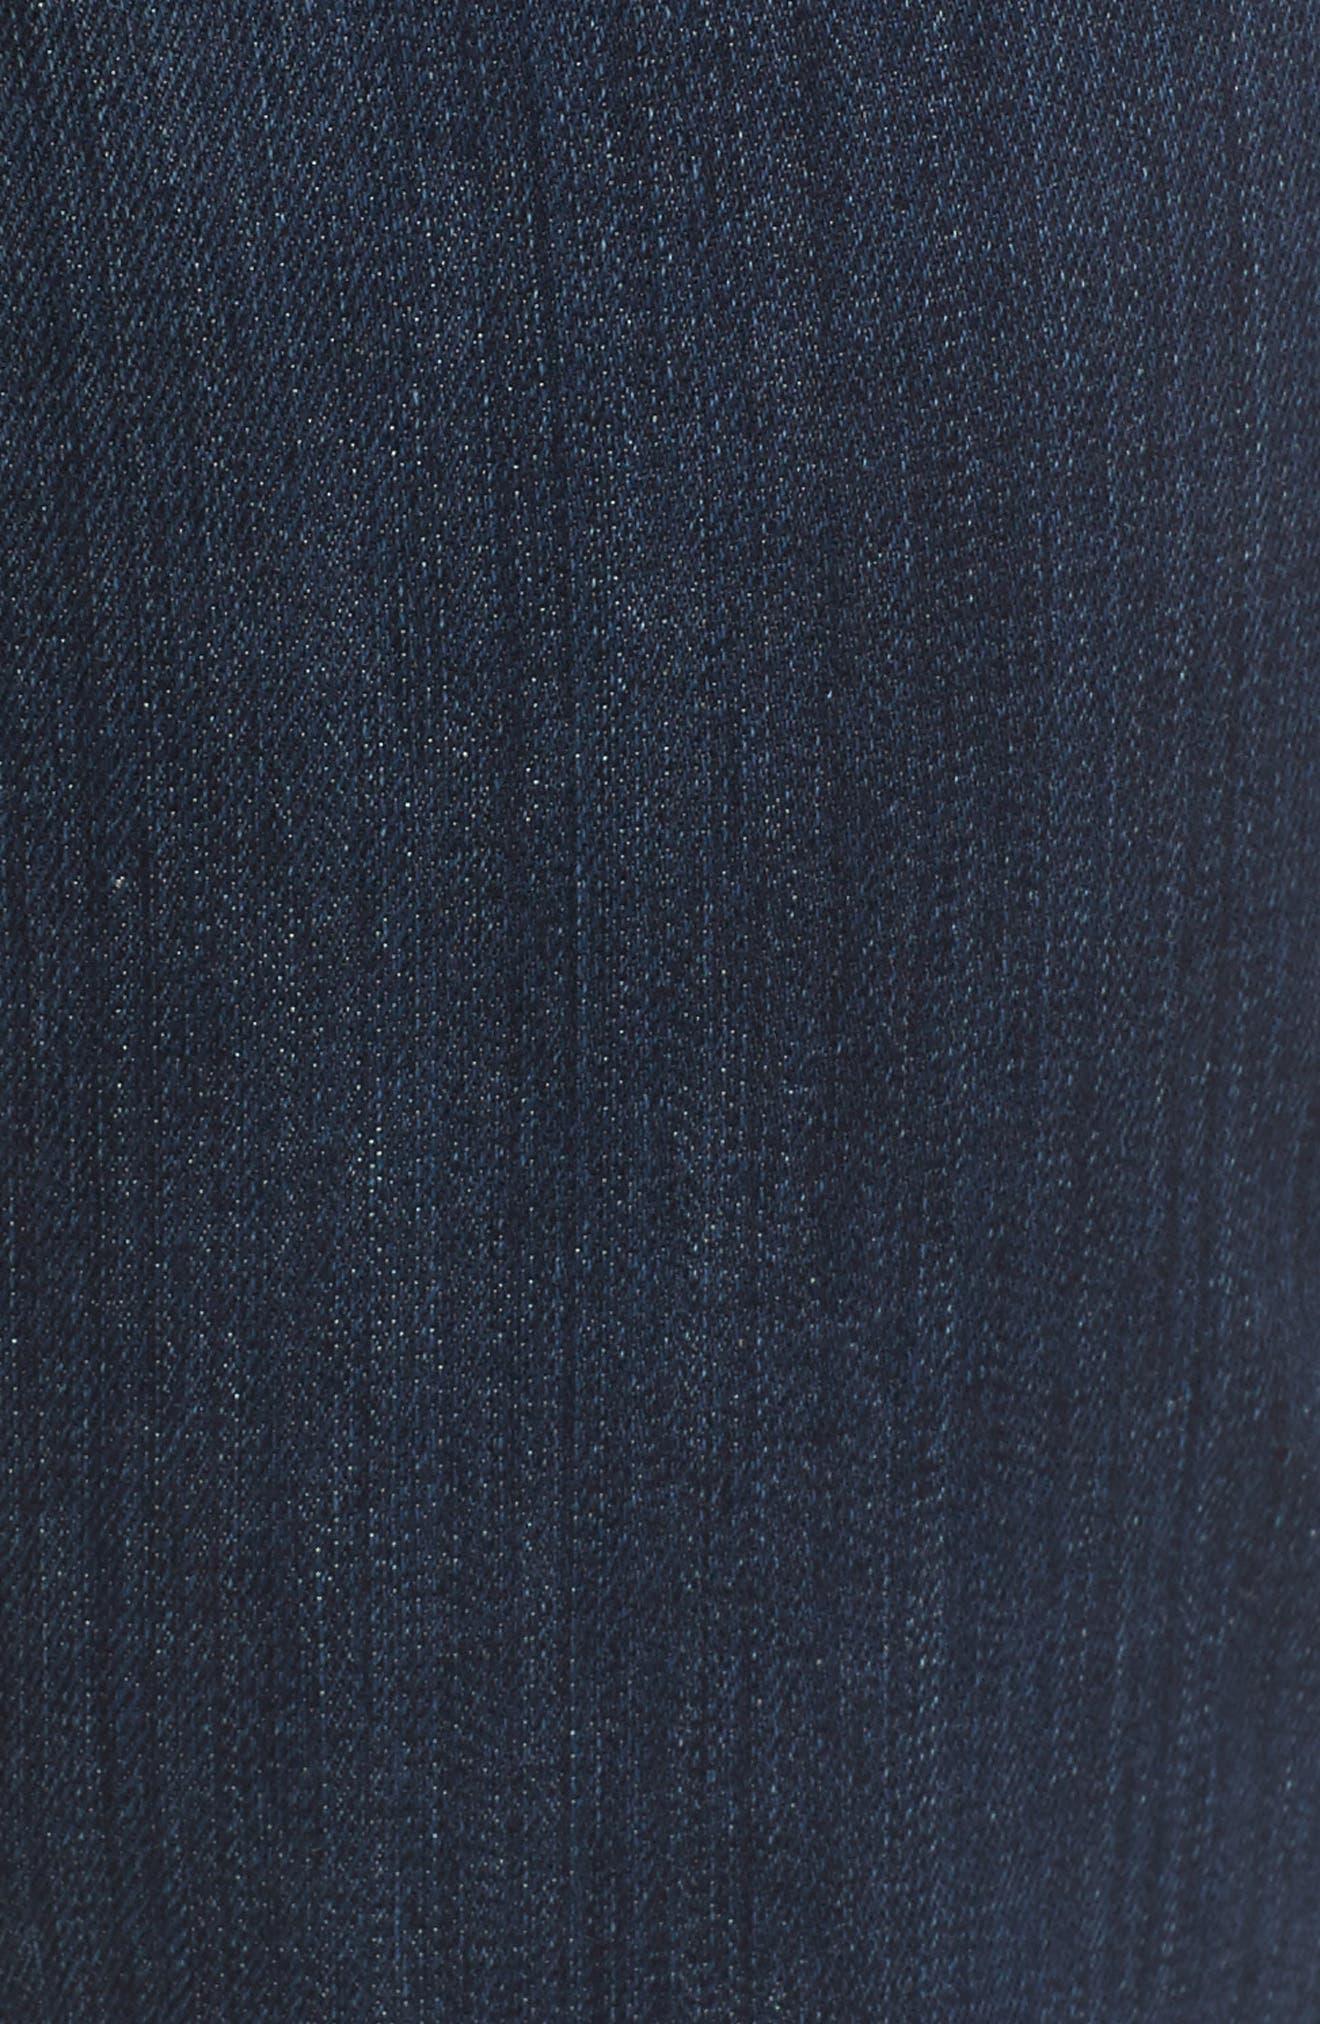 Stevie Skinny Jeans,                             Alternate thumbnail 5, color,